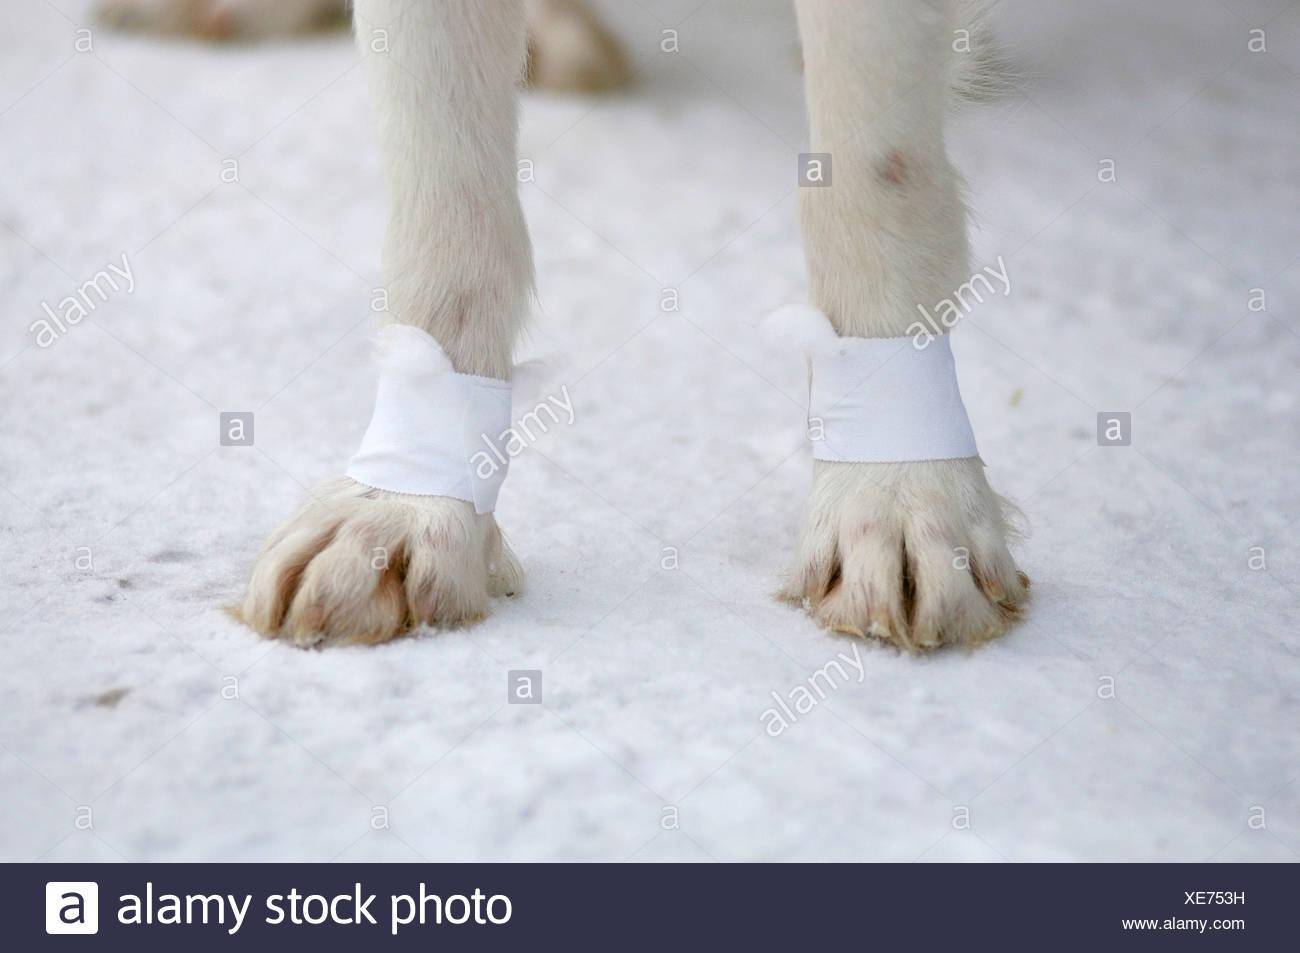 Husky paw with tape bandage Stock Photo